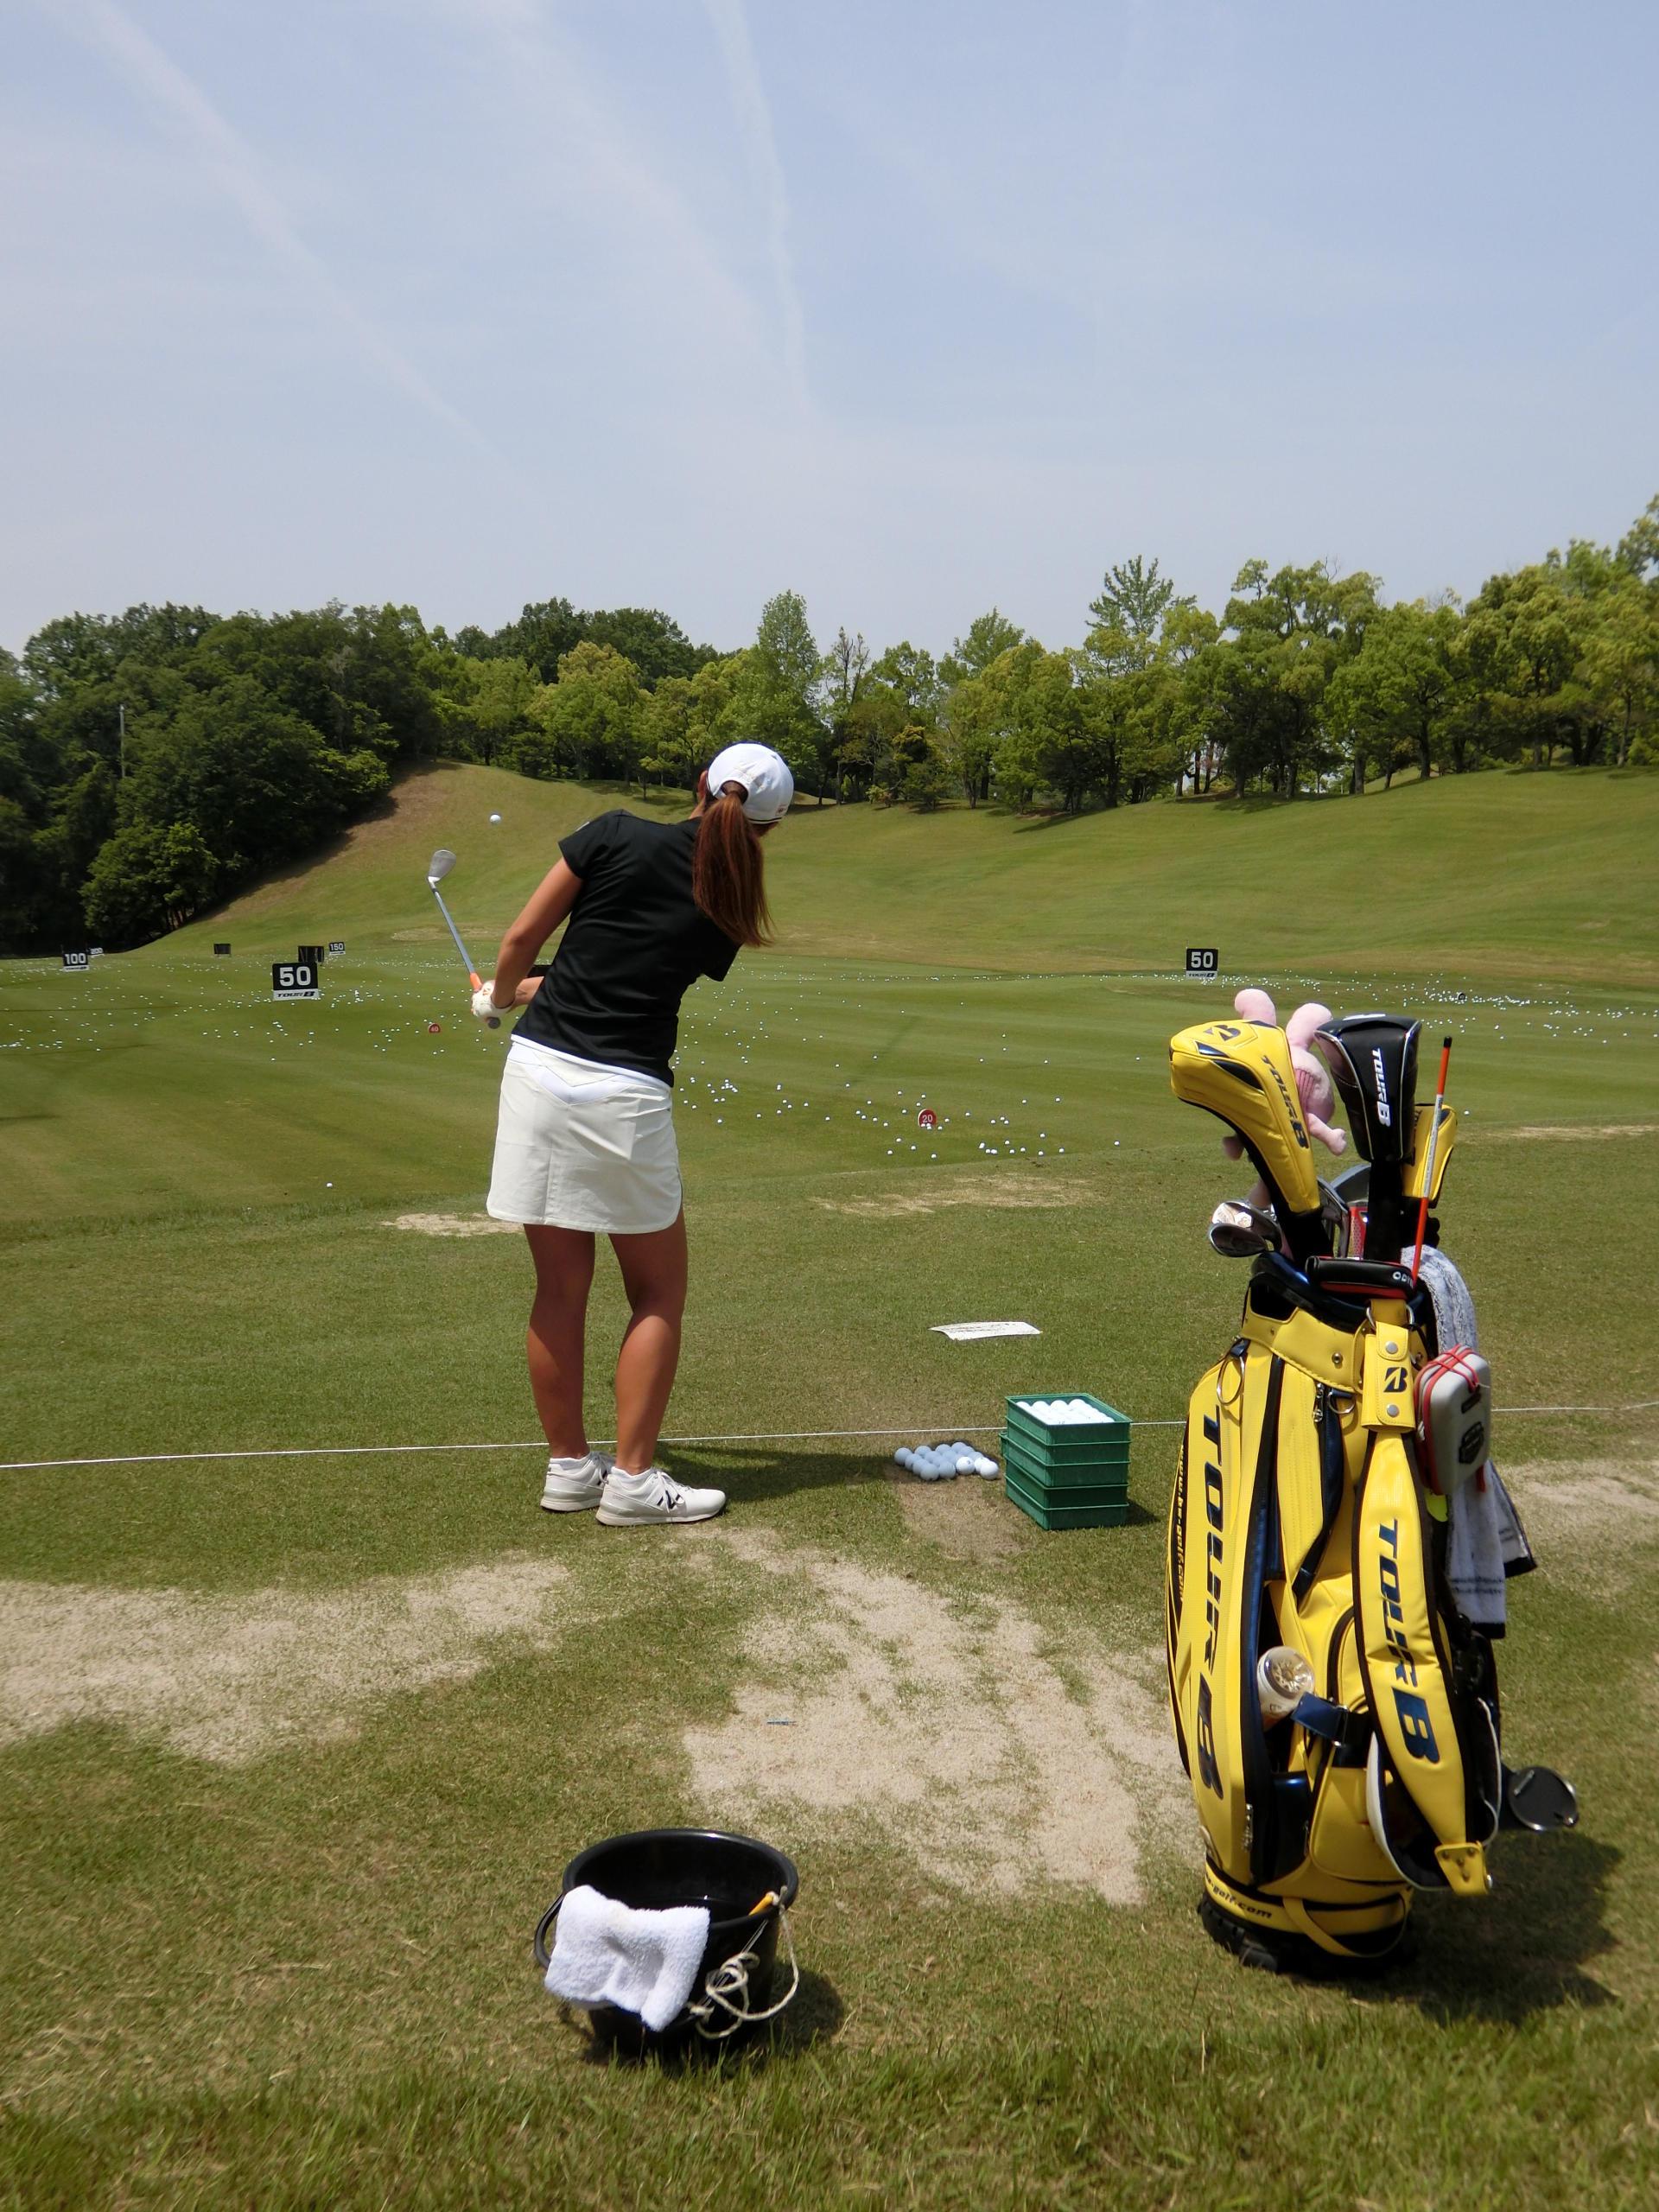 http://www.bs-golf.com/pro/5e086e8a5e2230401ae9de0b60134653b0b0a8e3.JPG